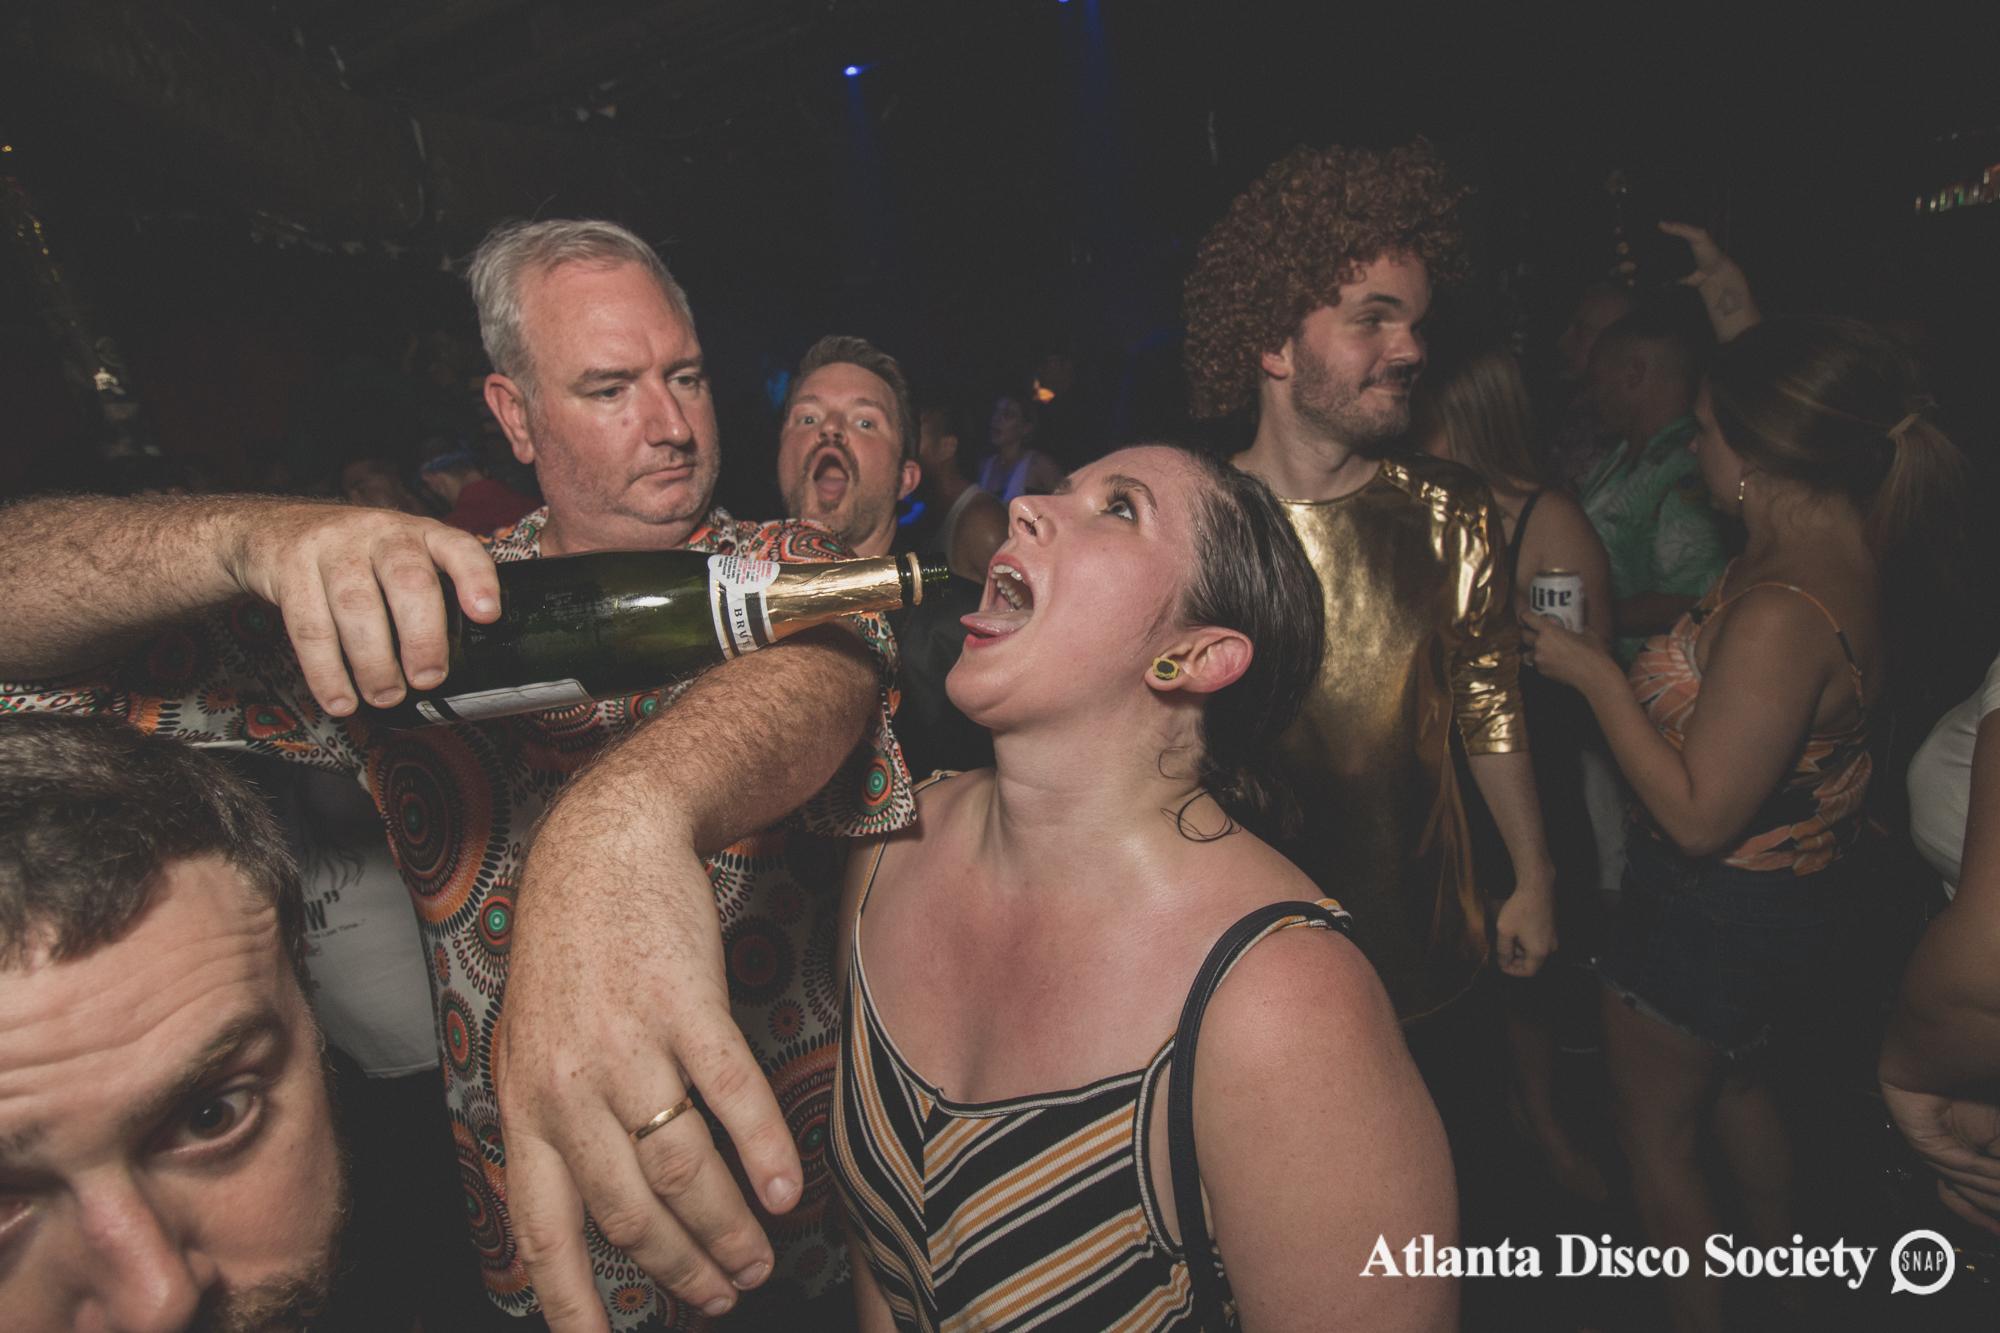 56Atlanta Disco Society Grace Kelly Oh Snap Kid 7.27.19.jpg